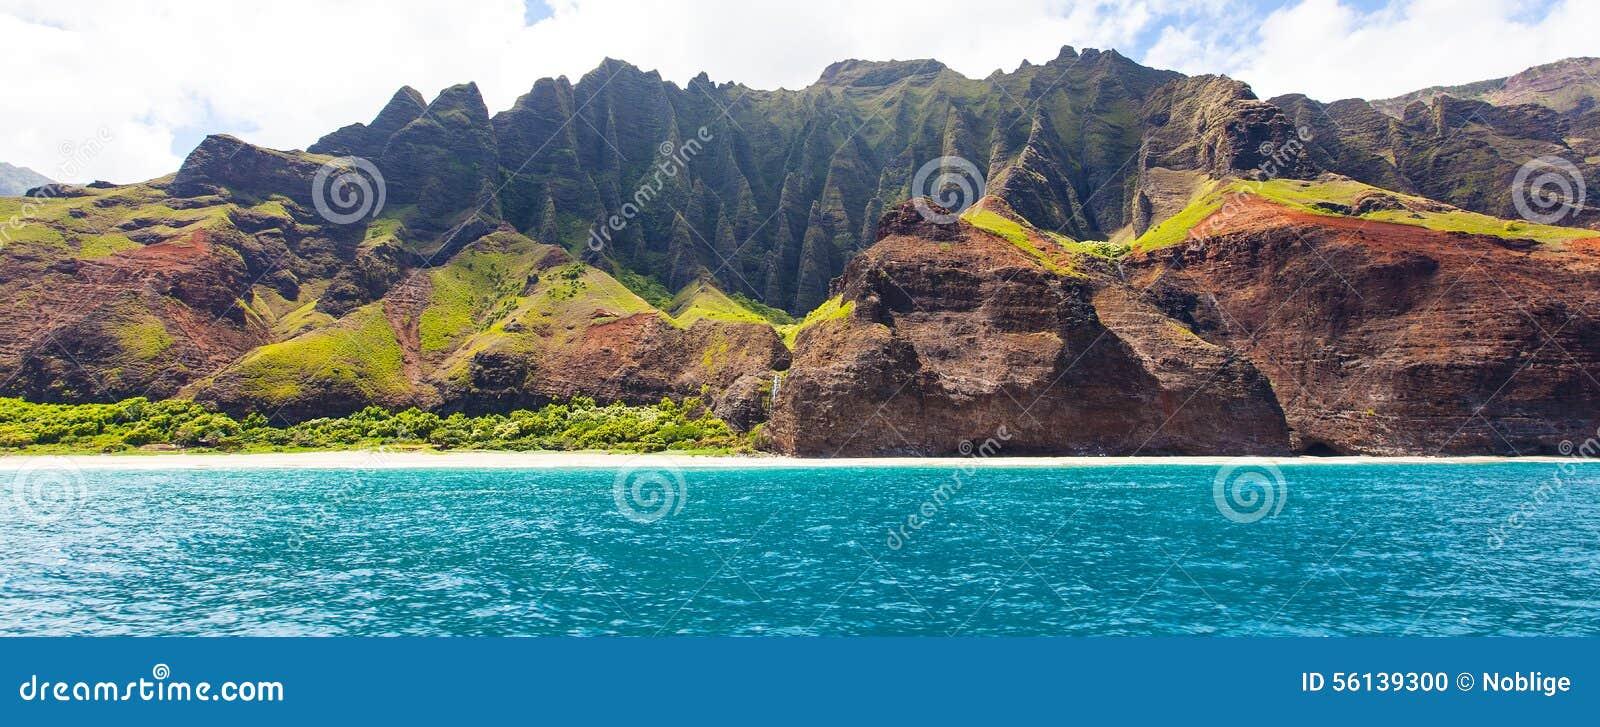 Kauai panorama